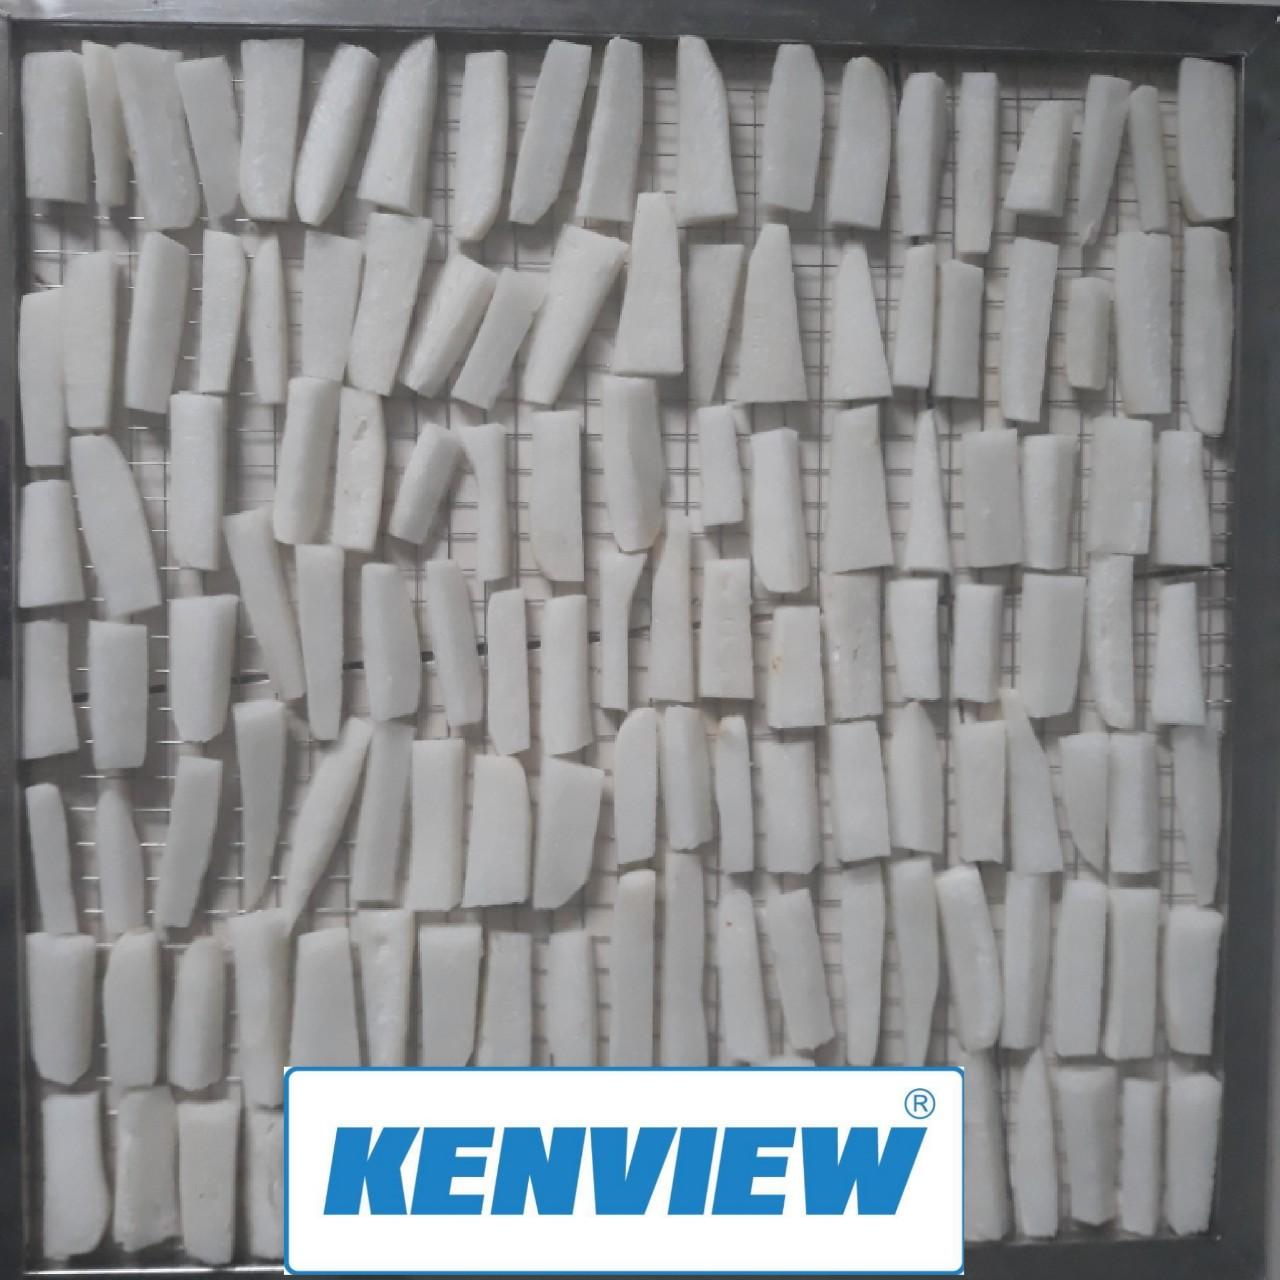 Củ cải trắng sấy khô bằng máy sấy đa năng kenview